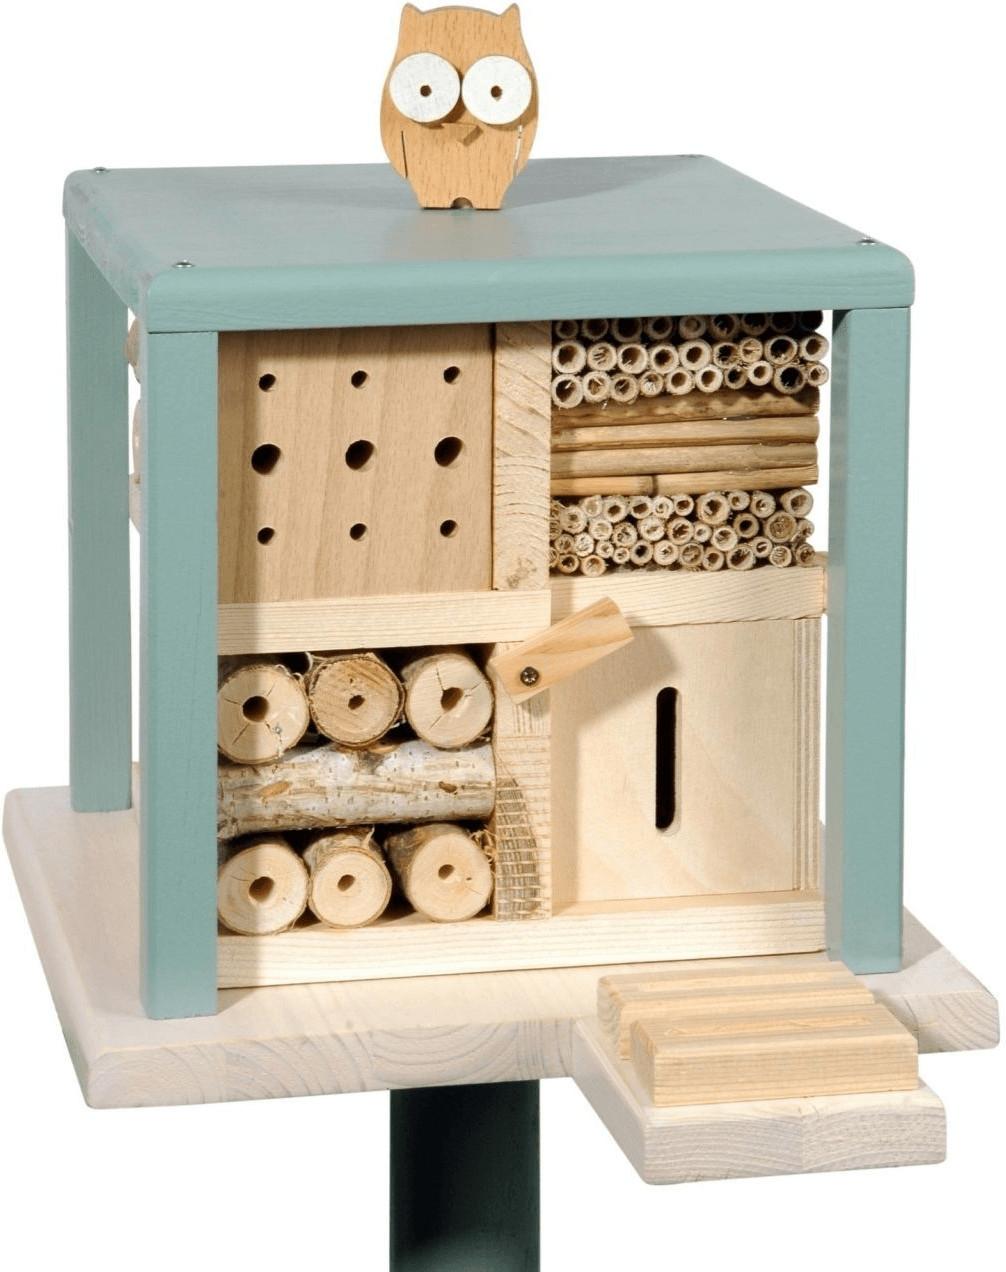 Luxus-Insektenhotels Insekten-Kubus Gasthof Zur Freundlichen Eule